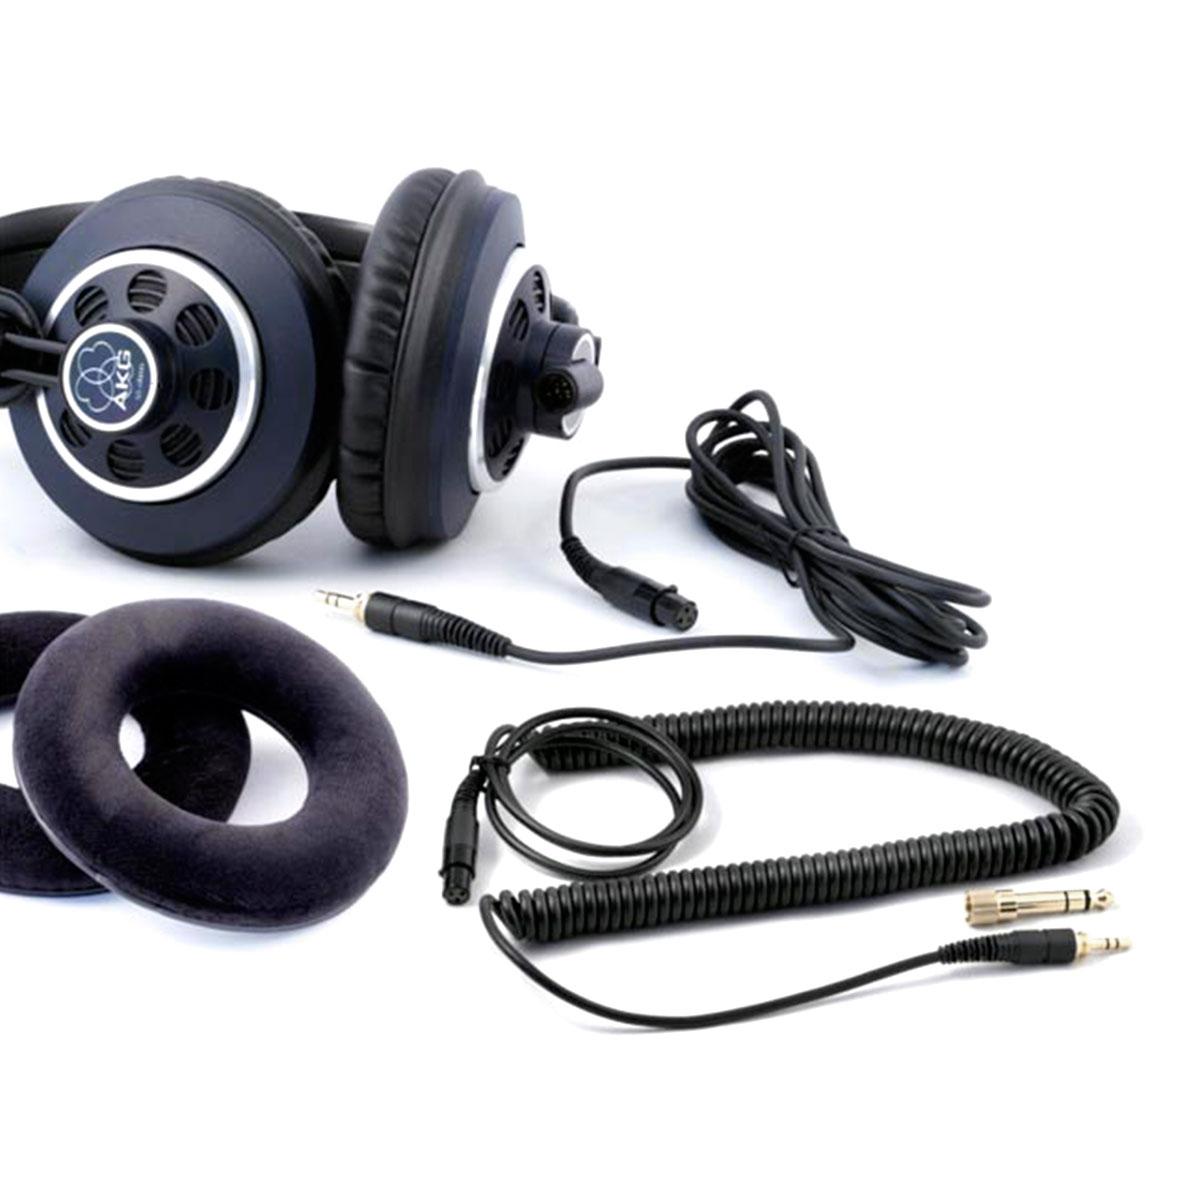 K240MKII - Fone de Ouvido Over-ear K 240 MK II - AKG